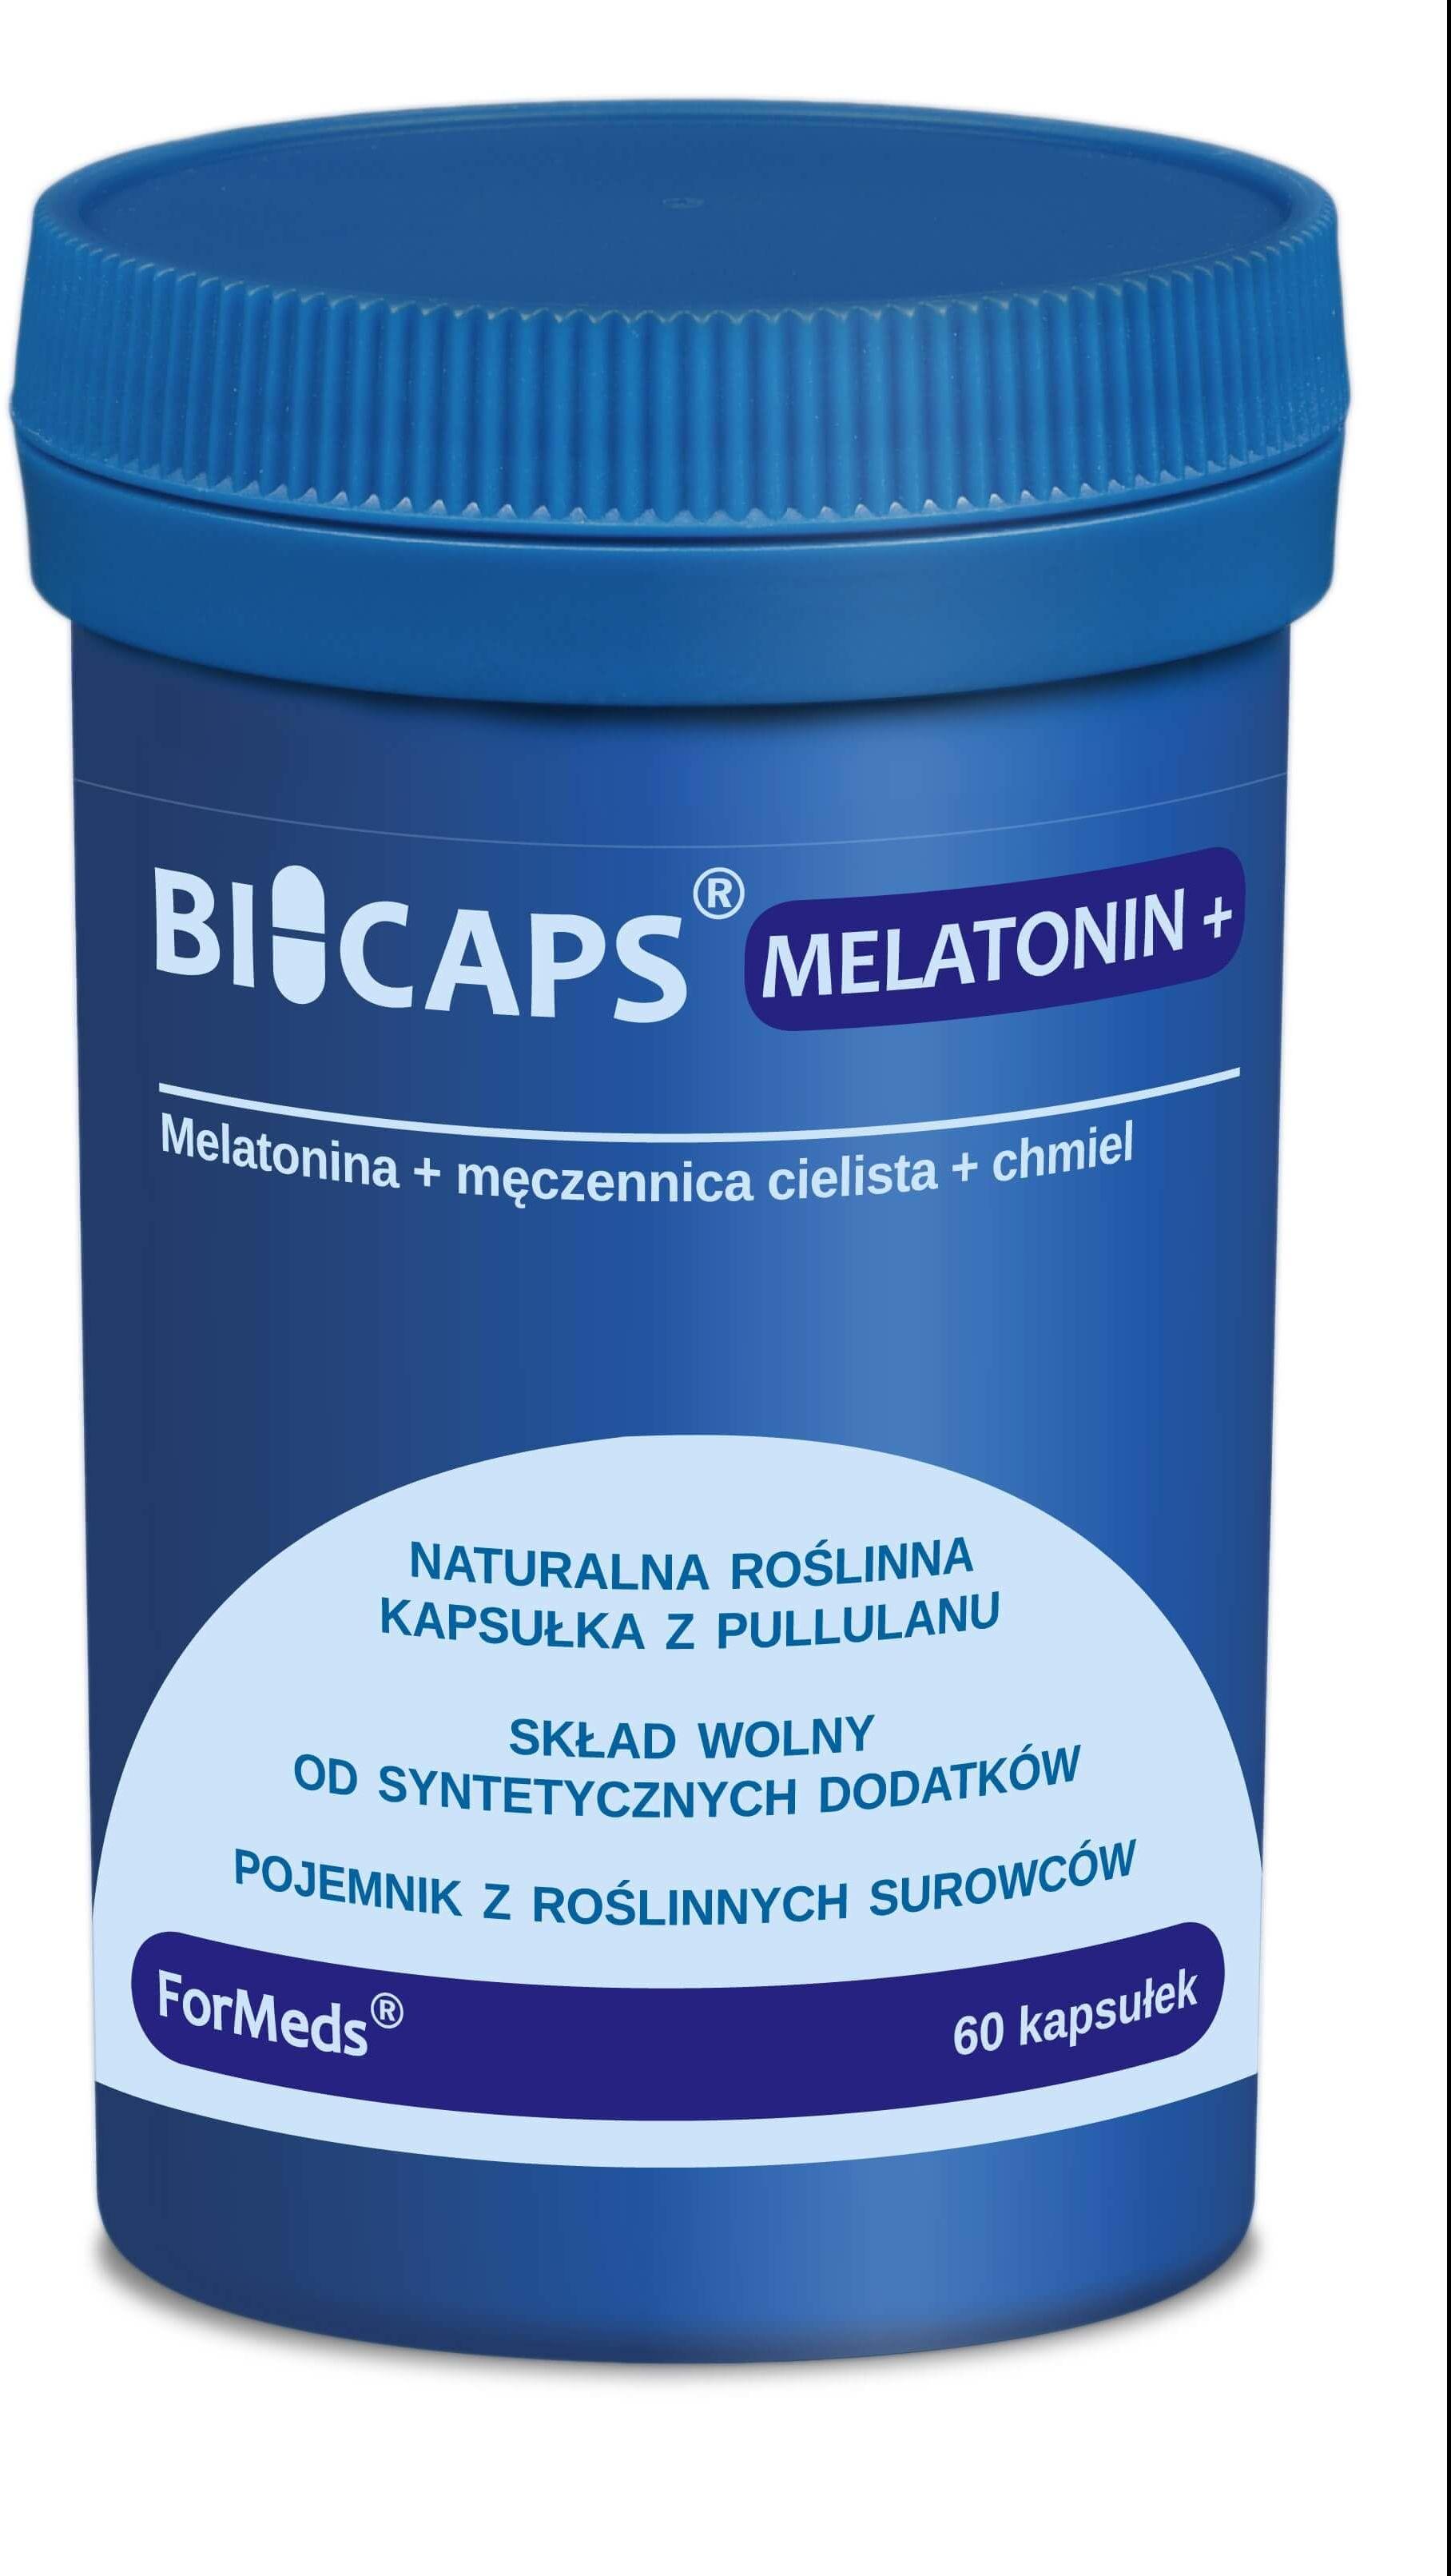 ForMeds BICAPS MELATONIN+ (Melatonina z ekstraktem z Męczennicy cielistej i szyszek chmielu) 60 Kapsułek